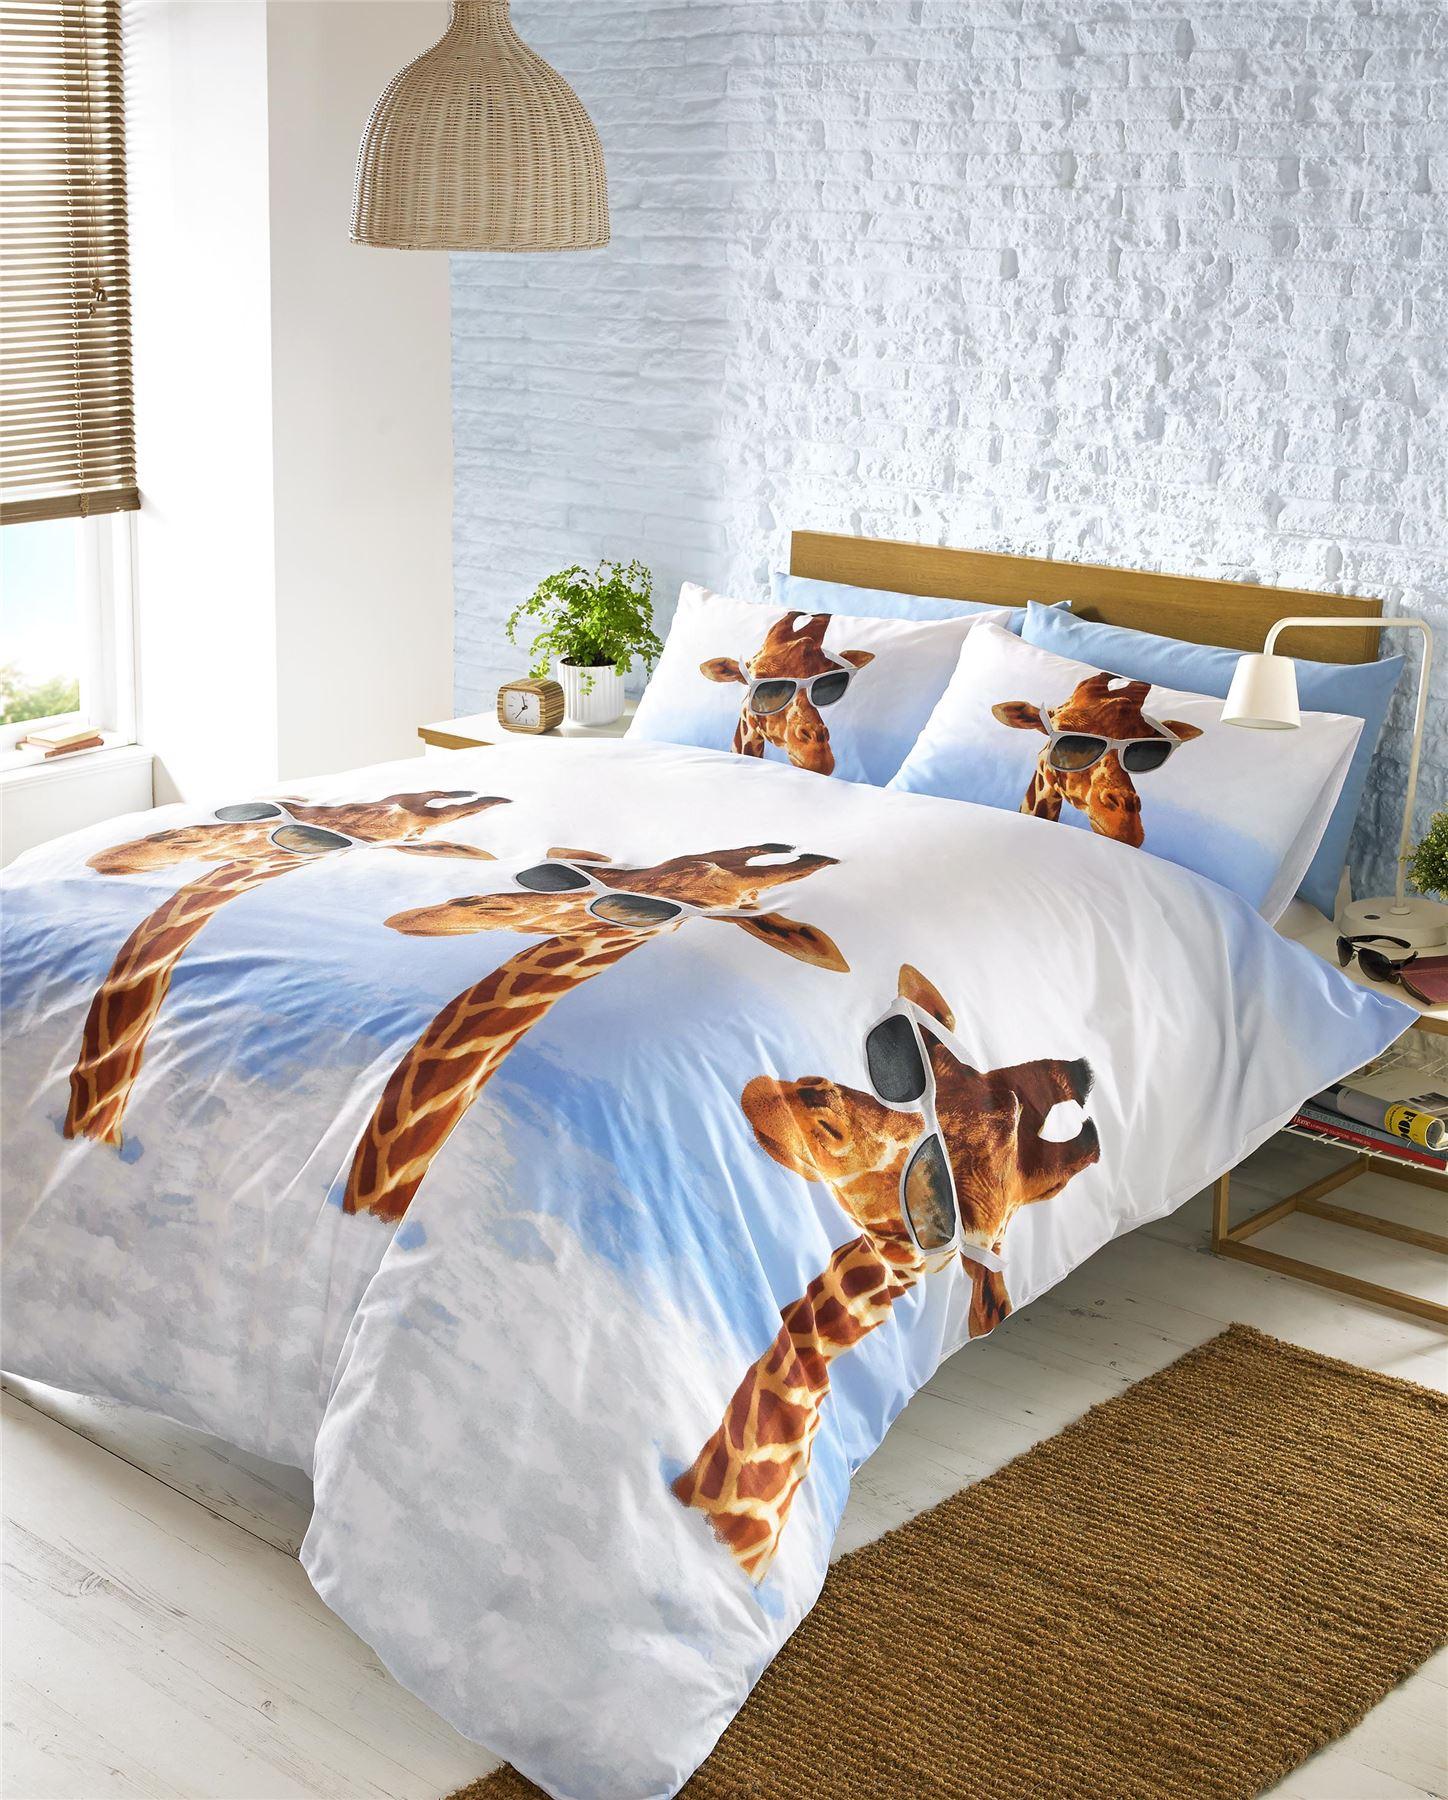 bedding quilt duvet cover pillowcase bedding bed sets 3. Black Bedroom Furniture Sets. Home Design Ideas